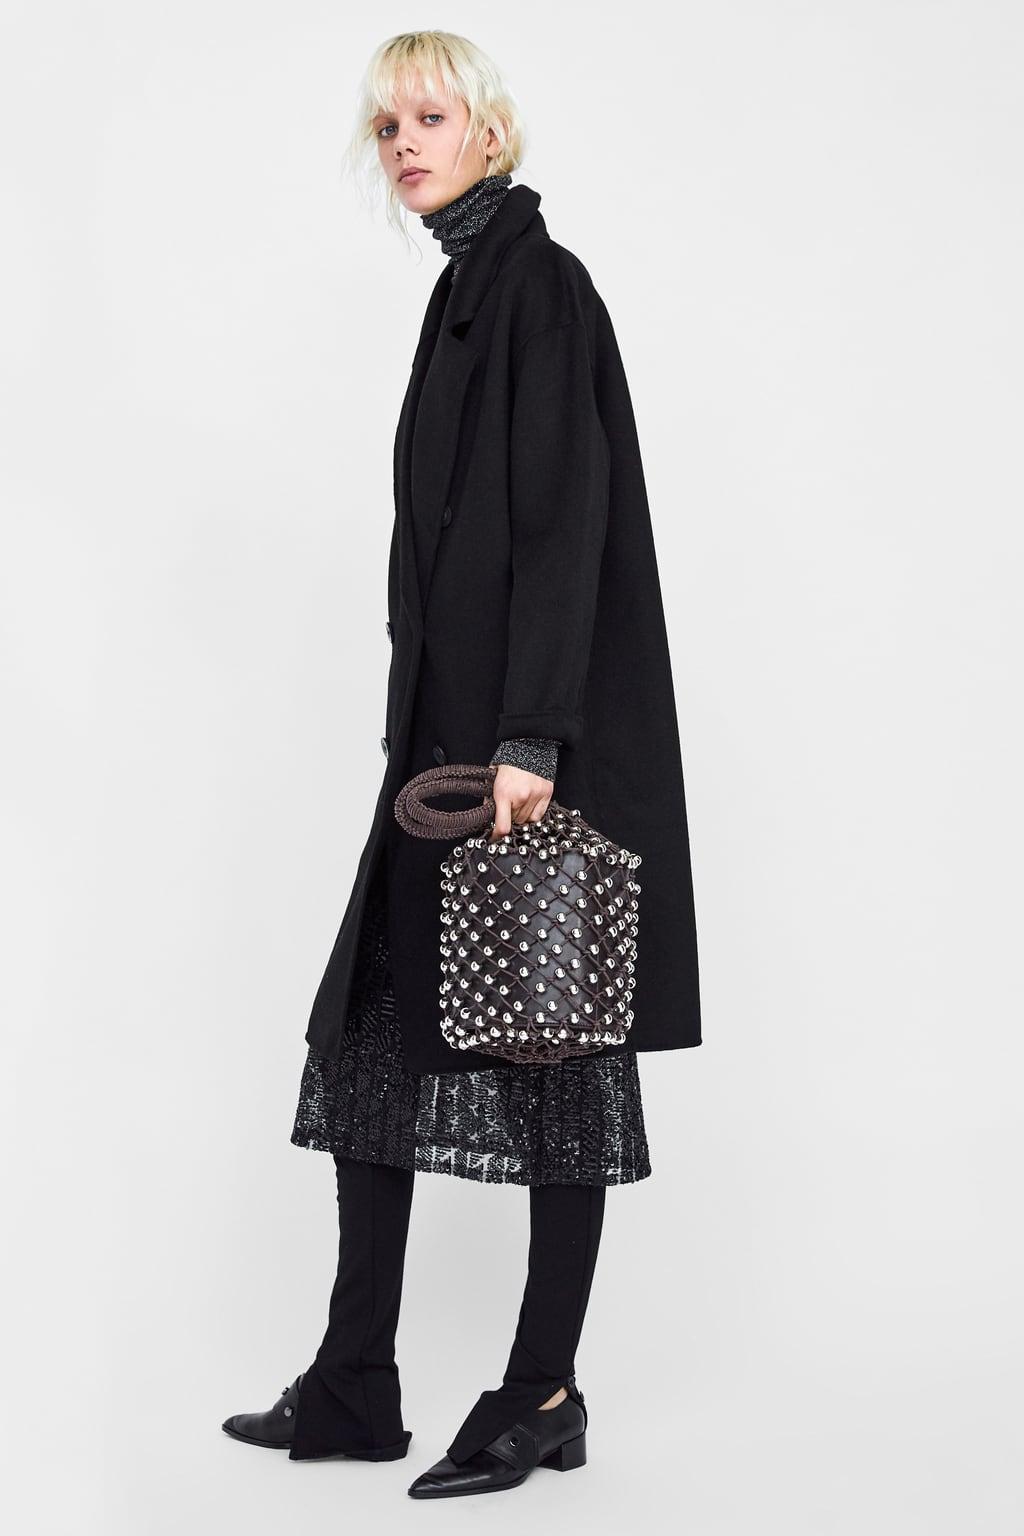 Ένα μαύρο παλτό είναι πάντα πασπαρτού και αυτό το κομμάτι από το αγαπημένο  σας megabrand είναι αυτό που χρειάζεστε αν δεν θέλετε πολλά παλτού στη  ντουλάπα ... f5023353076